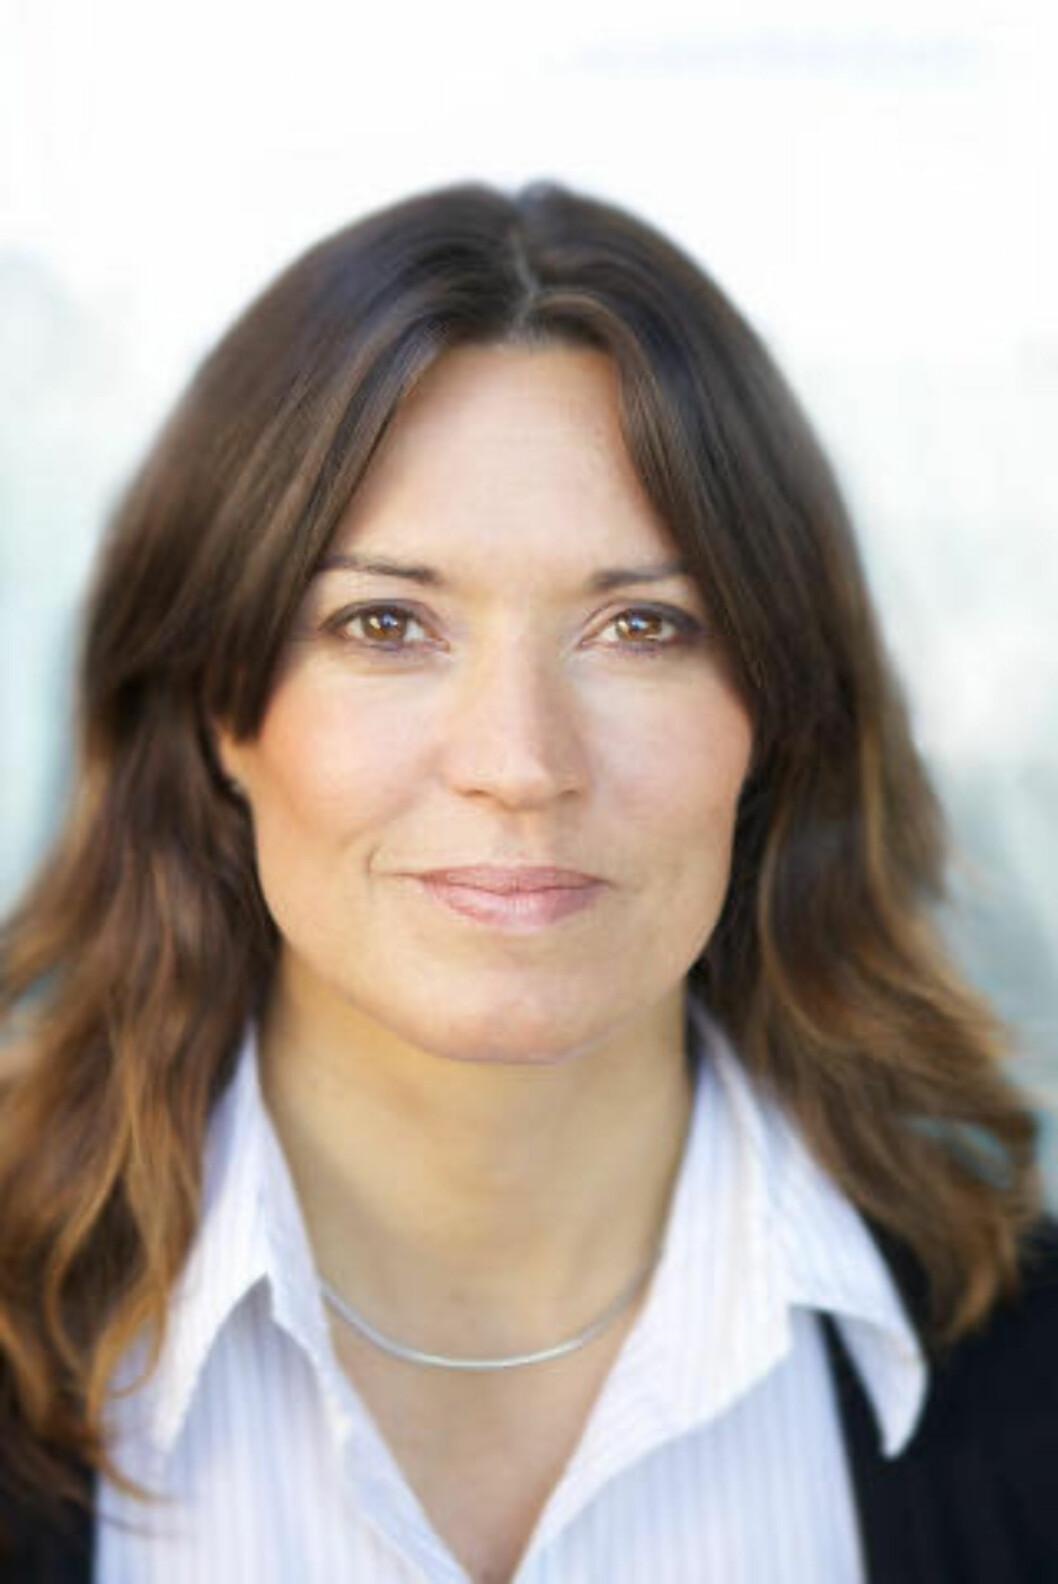 <strong>- VÆR SKEPTISK:</strong> Ann Hege Skogly fra Forbrukerrådet sier at det ikke er noen grunn til å stole mer på annonser på Facebook enn på andre steder. Foto: Forbrukerrådet